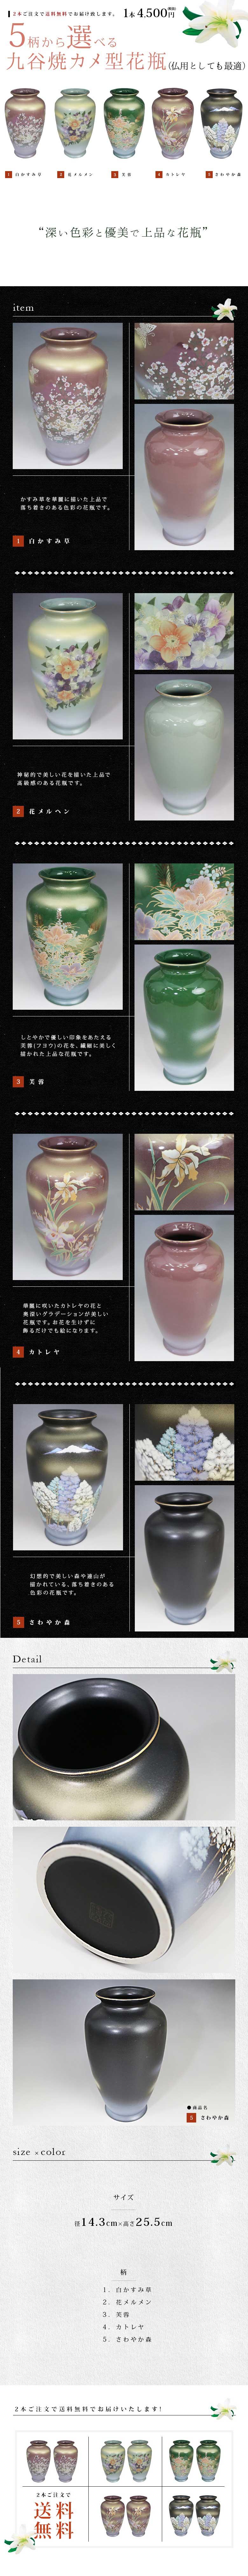 九谷焼 カメ型花瓶